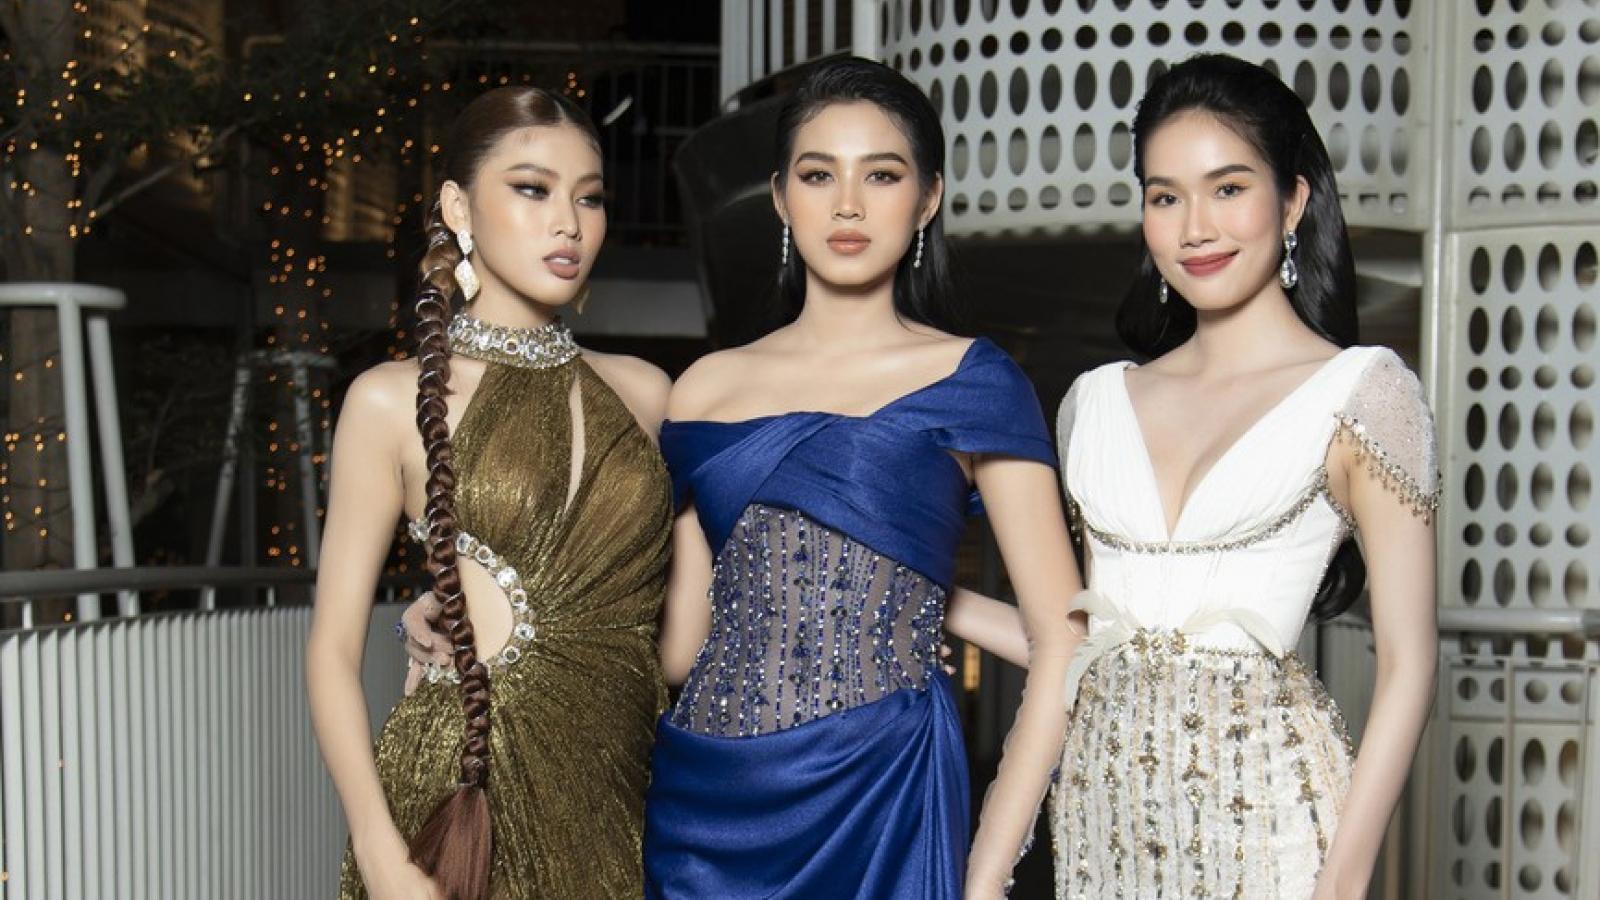 Top 3 Hoa hậu Việt Nam diện đầm cắt xẻ khoe vẻ đẹp gợi cảm